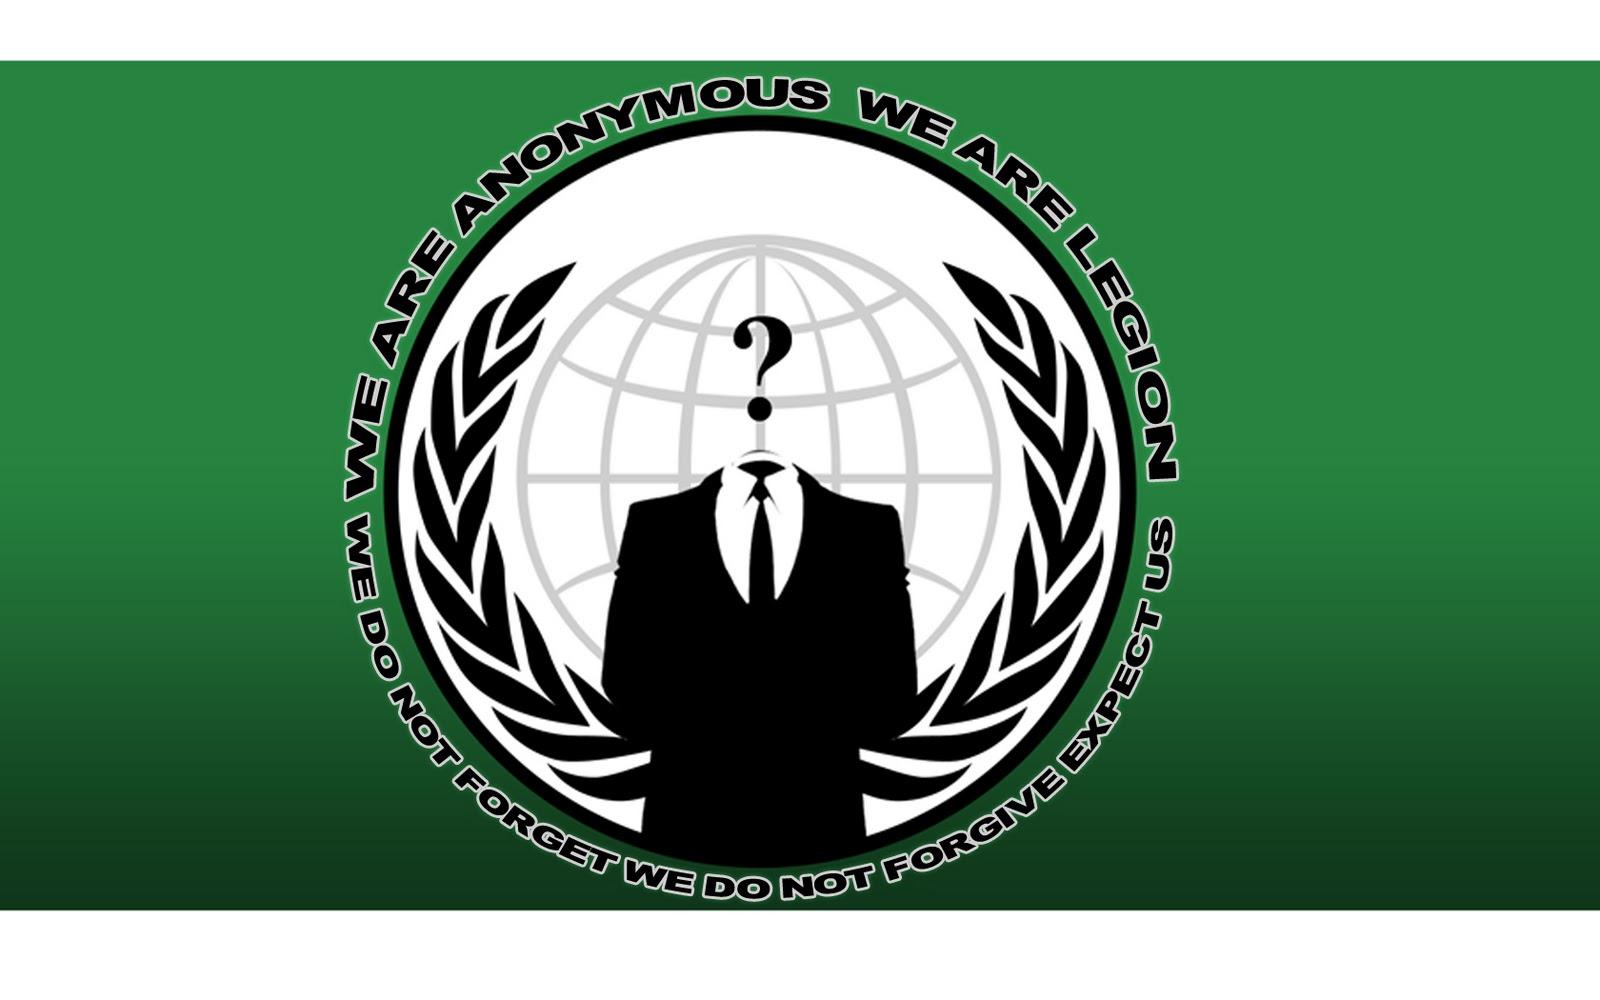 http://3.bp.blogspot.com/_79H57vSNg1g/TU6a9pzq9PI/AAAAAAAAAP8/PnhaxO_RIBM/s1600/Anonymous_wallpaper_2_by_XyZeR.jpg